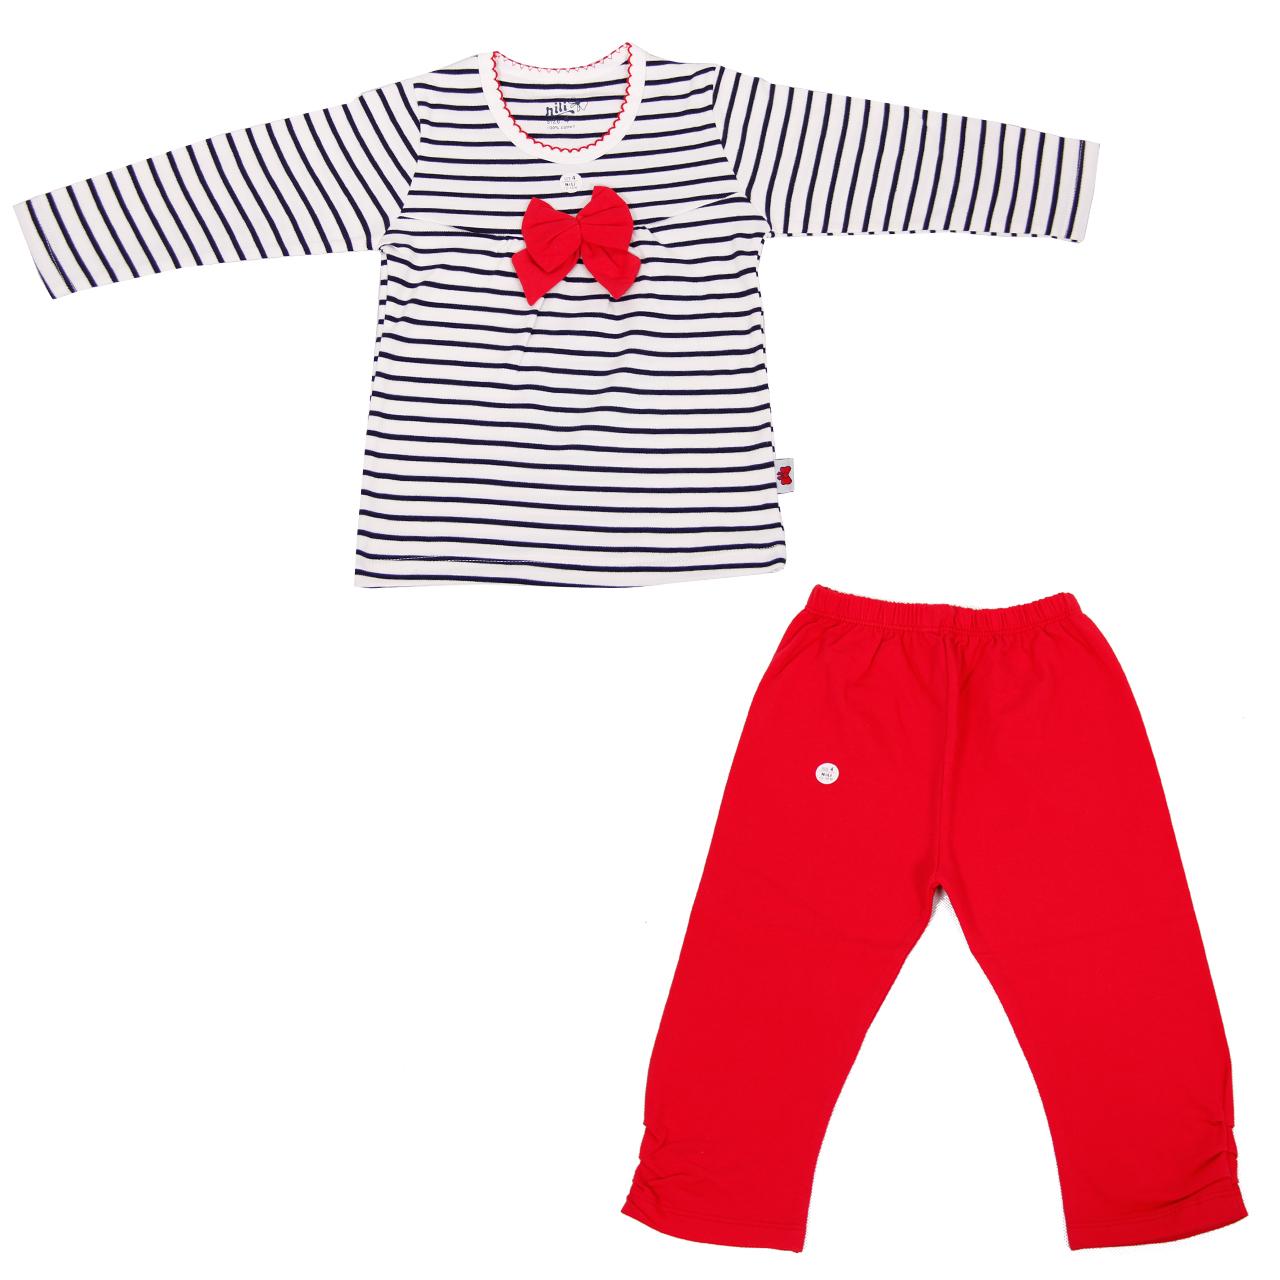 ست تی شرت و شلوار نوزادی دخترانه نیلی کد 003